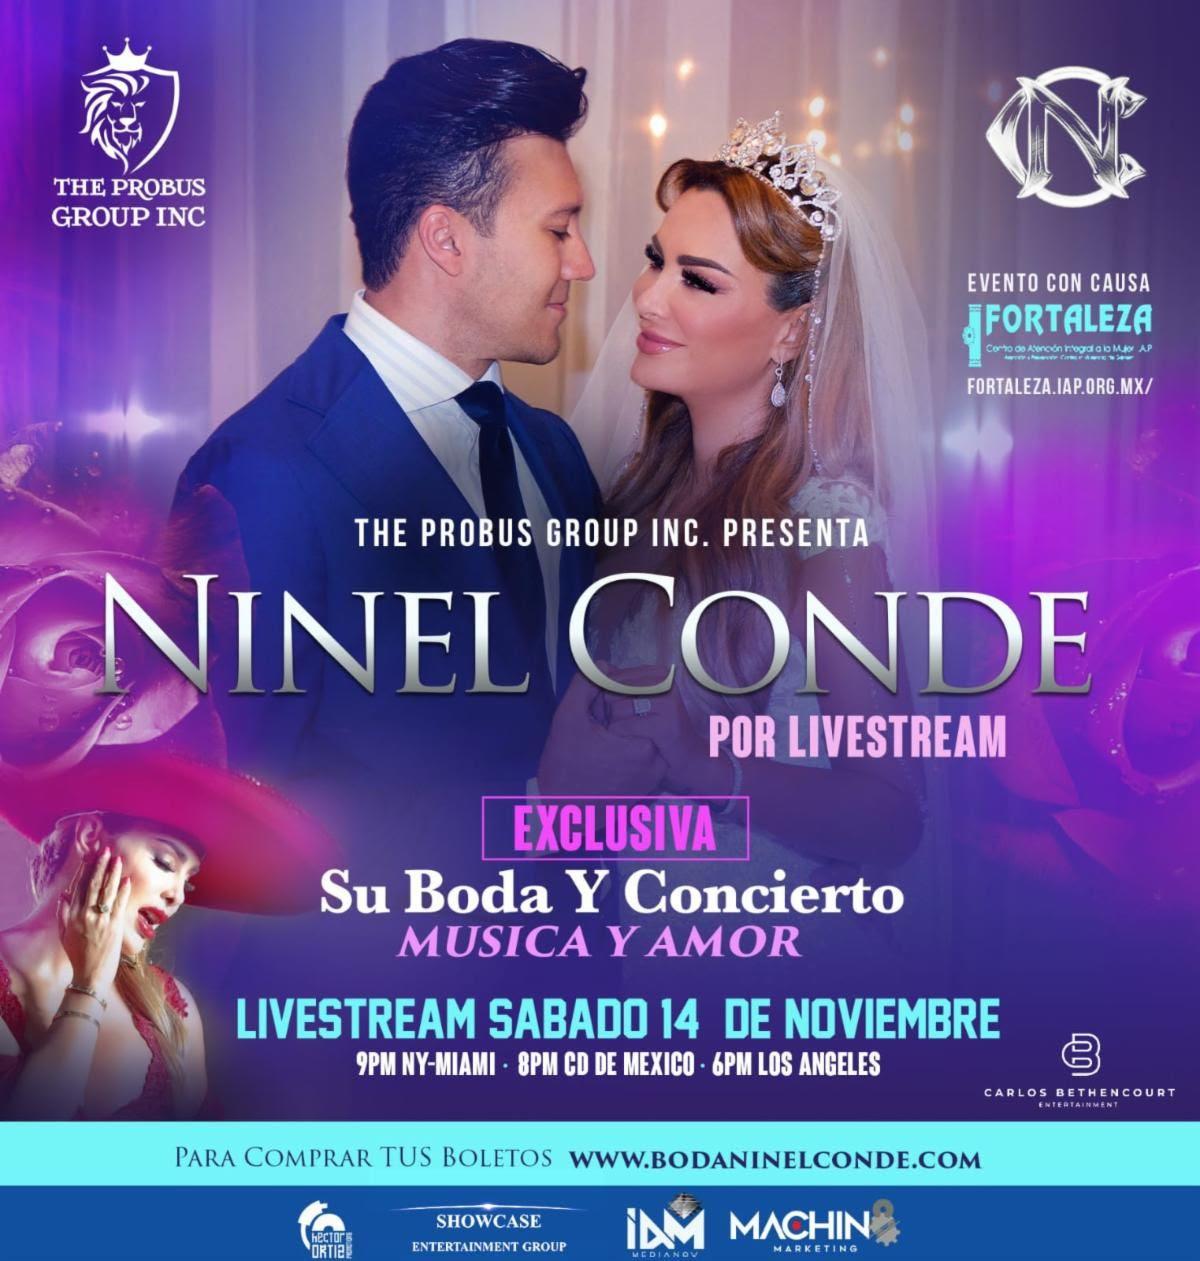 Detalles de la boda virtual de Ninel Conde